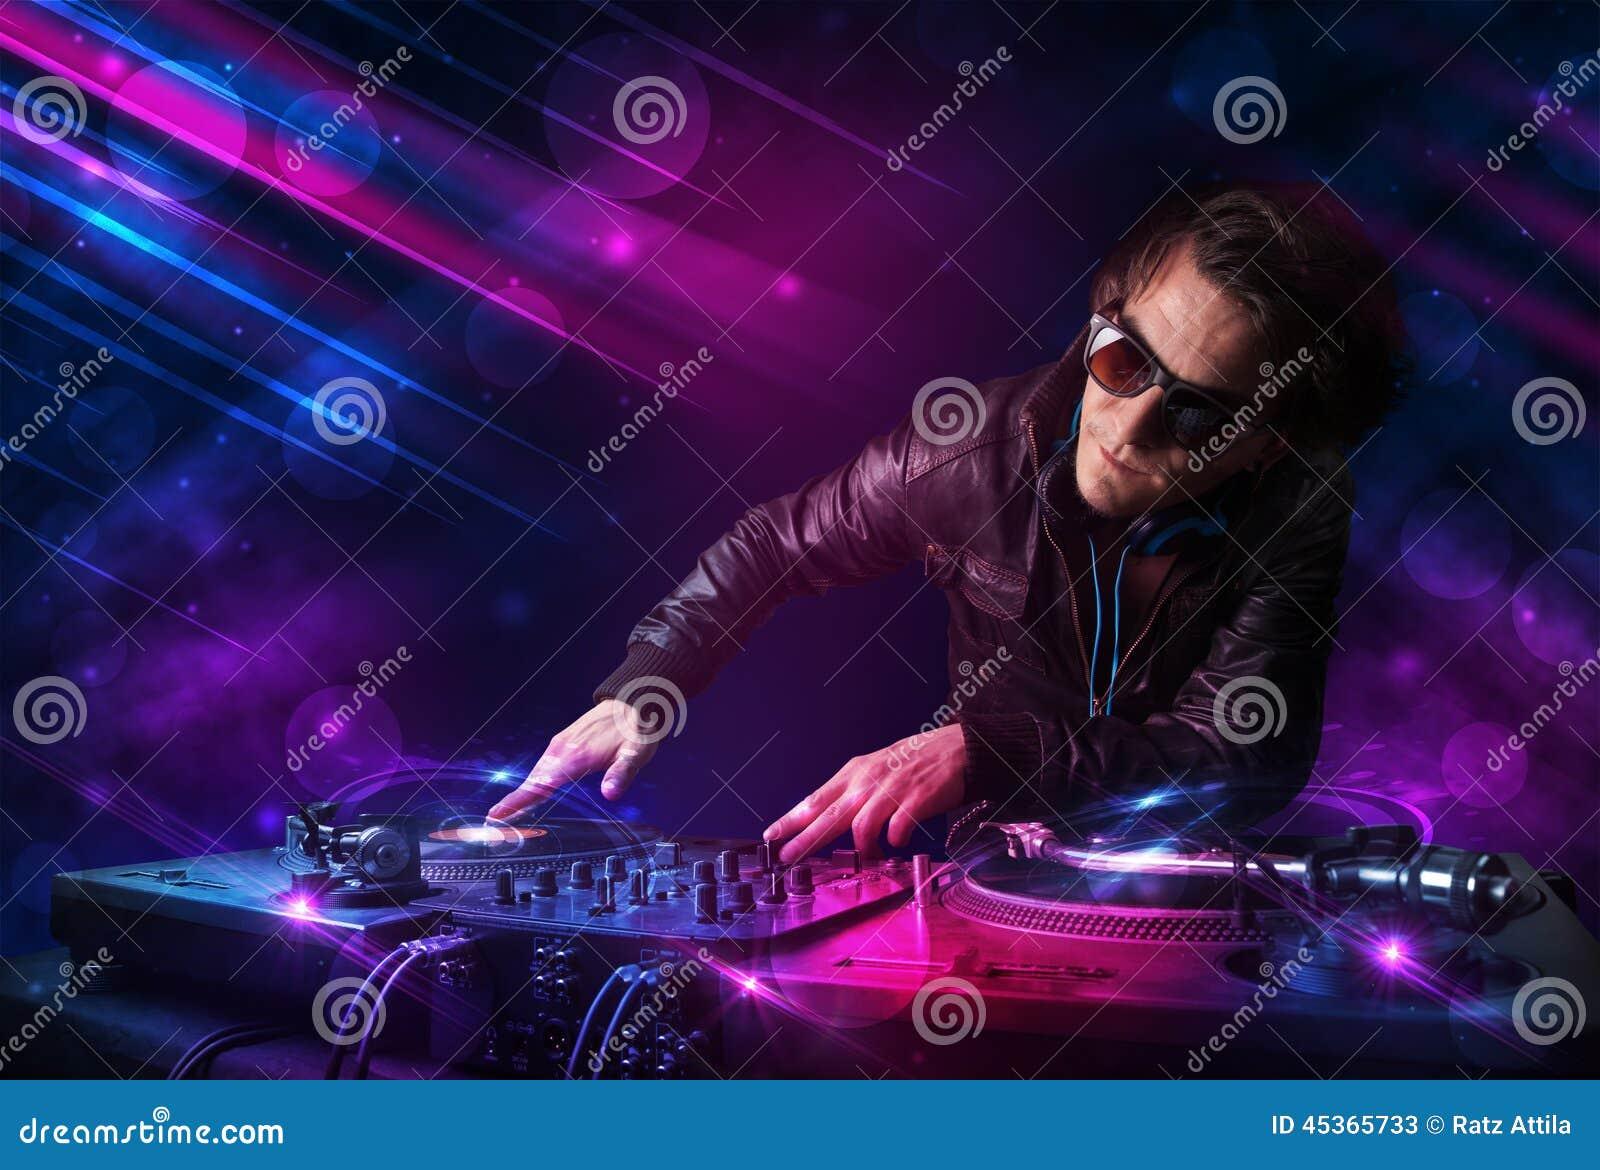 Le jeune DJ jouant sur des plaques tournantes avec des effets de la lumière de couleur